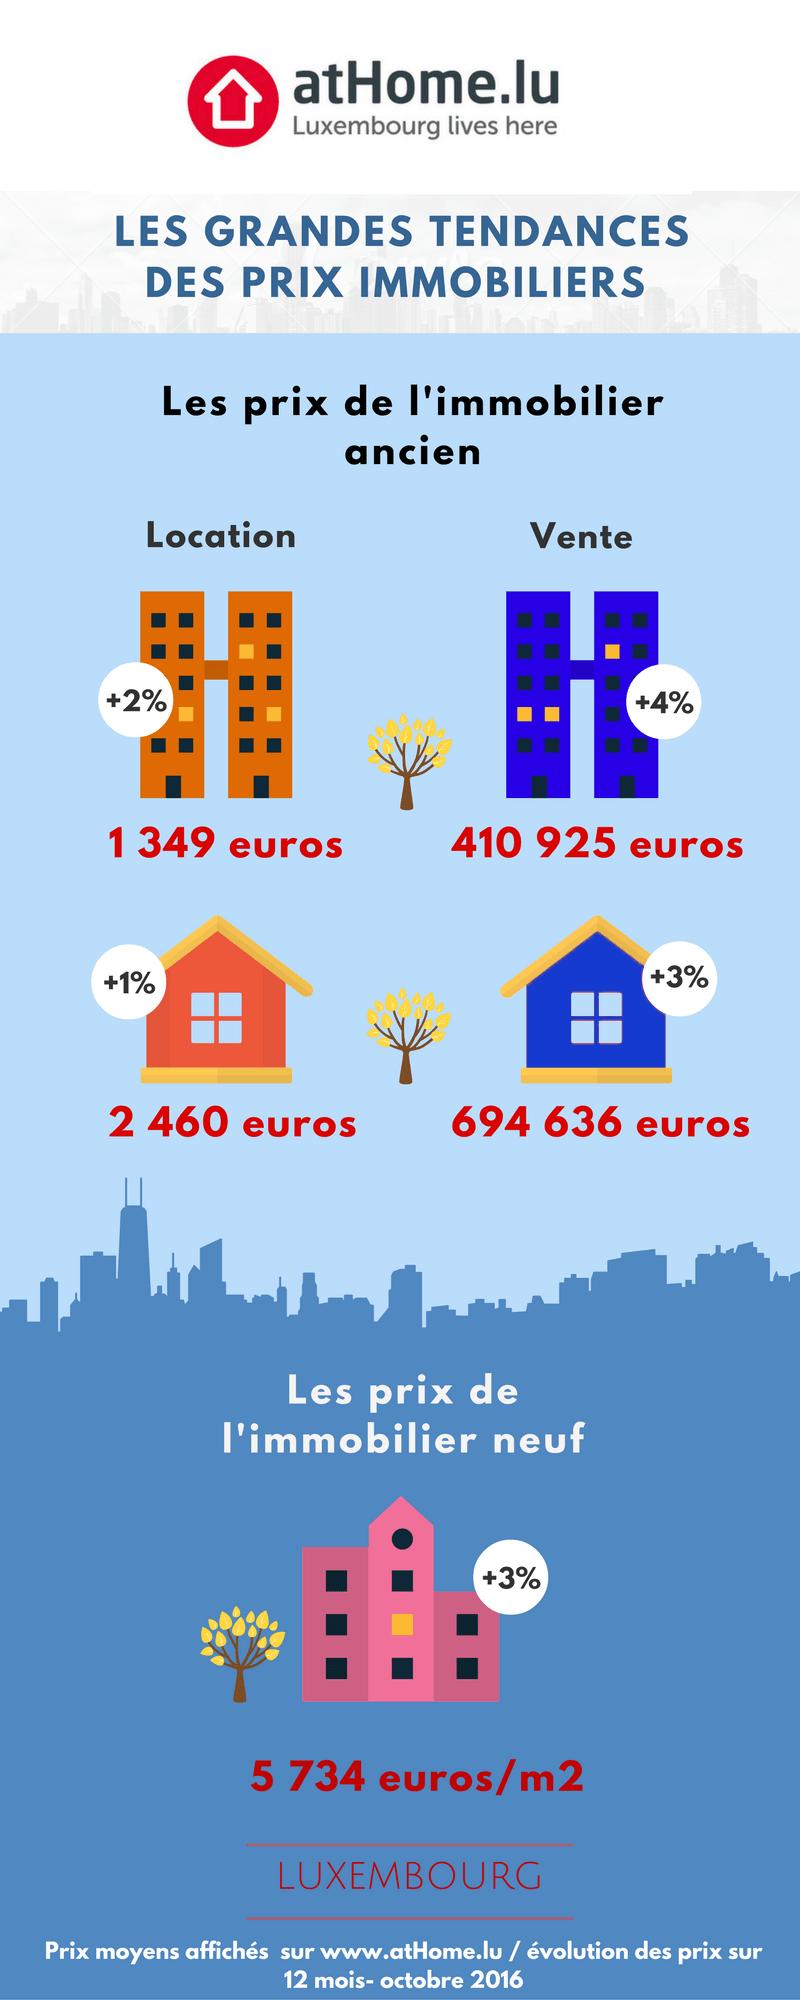 les grandes tendances 2016 de l 39 immobilier au luxembourg athome. Black Bedroom Furniture Sets. Home Design Ideas